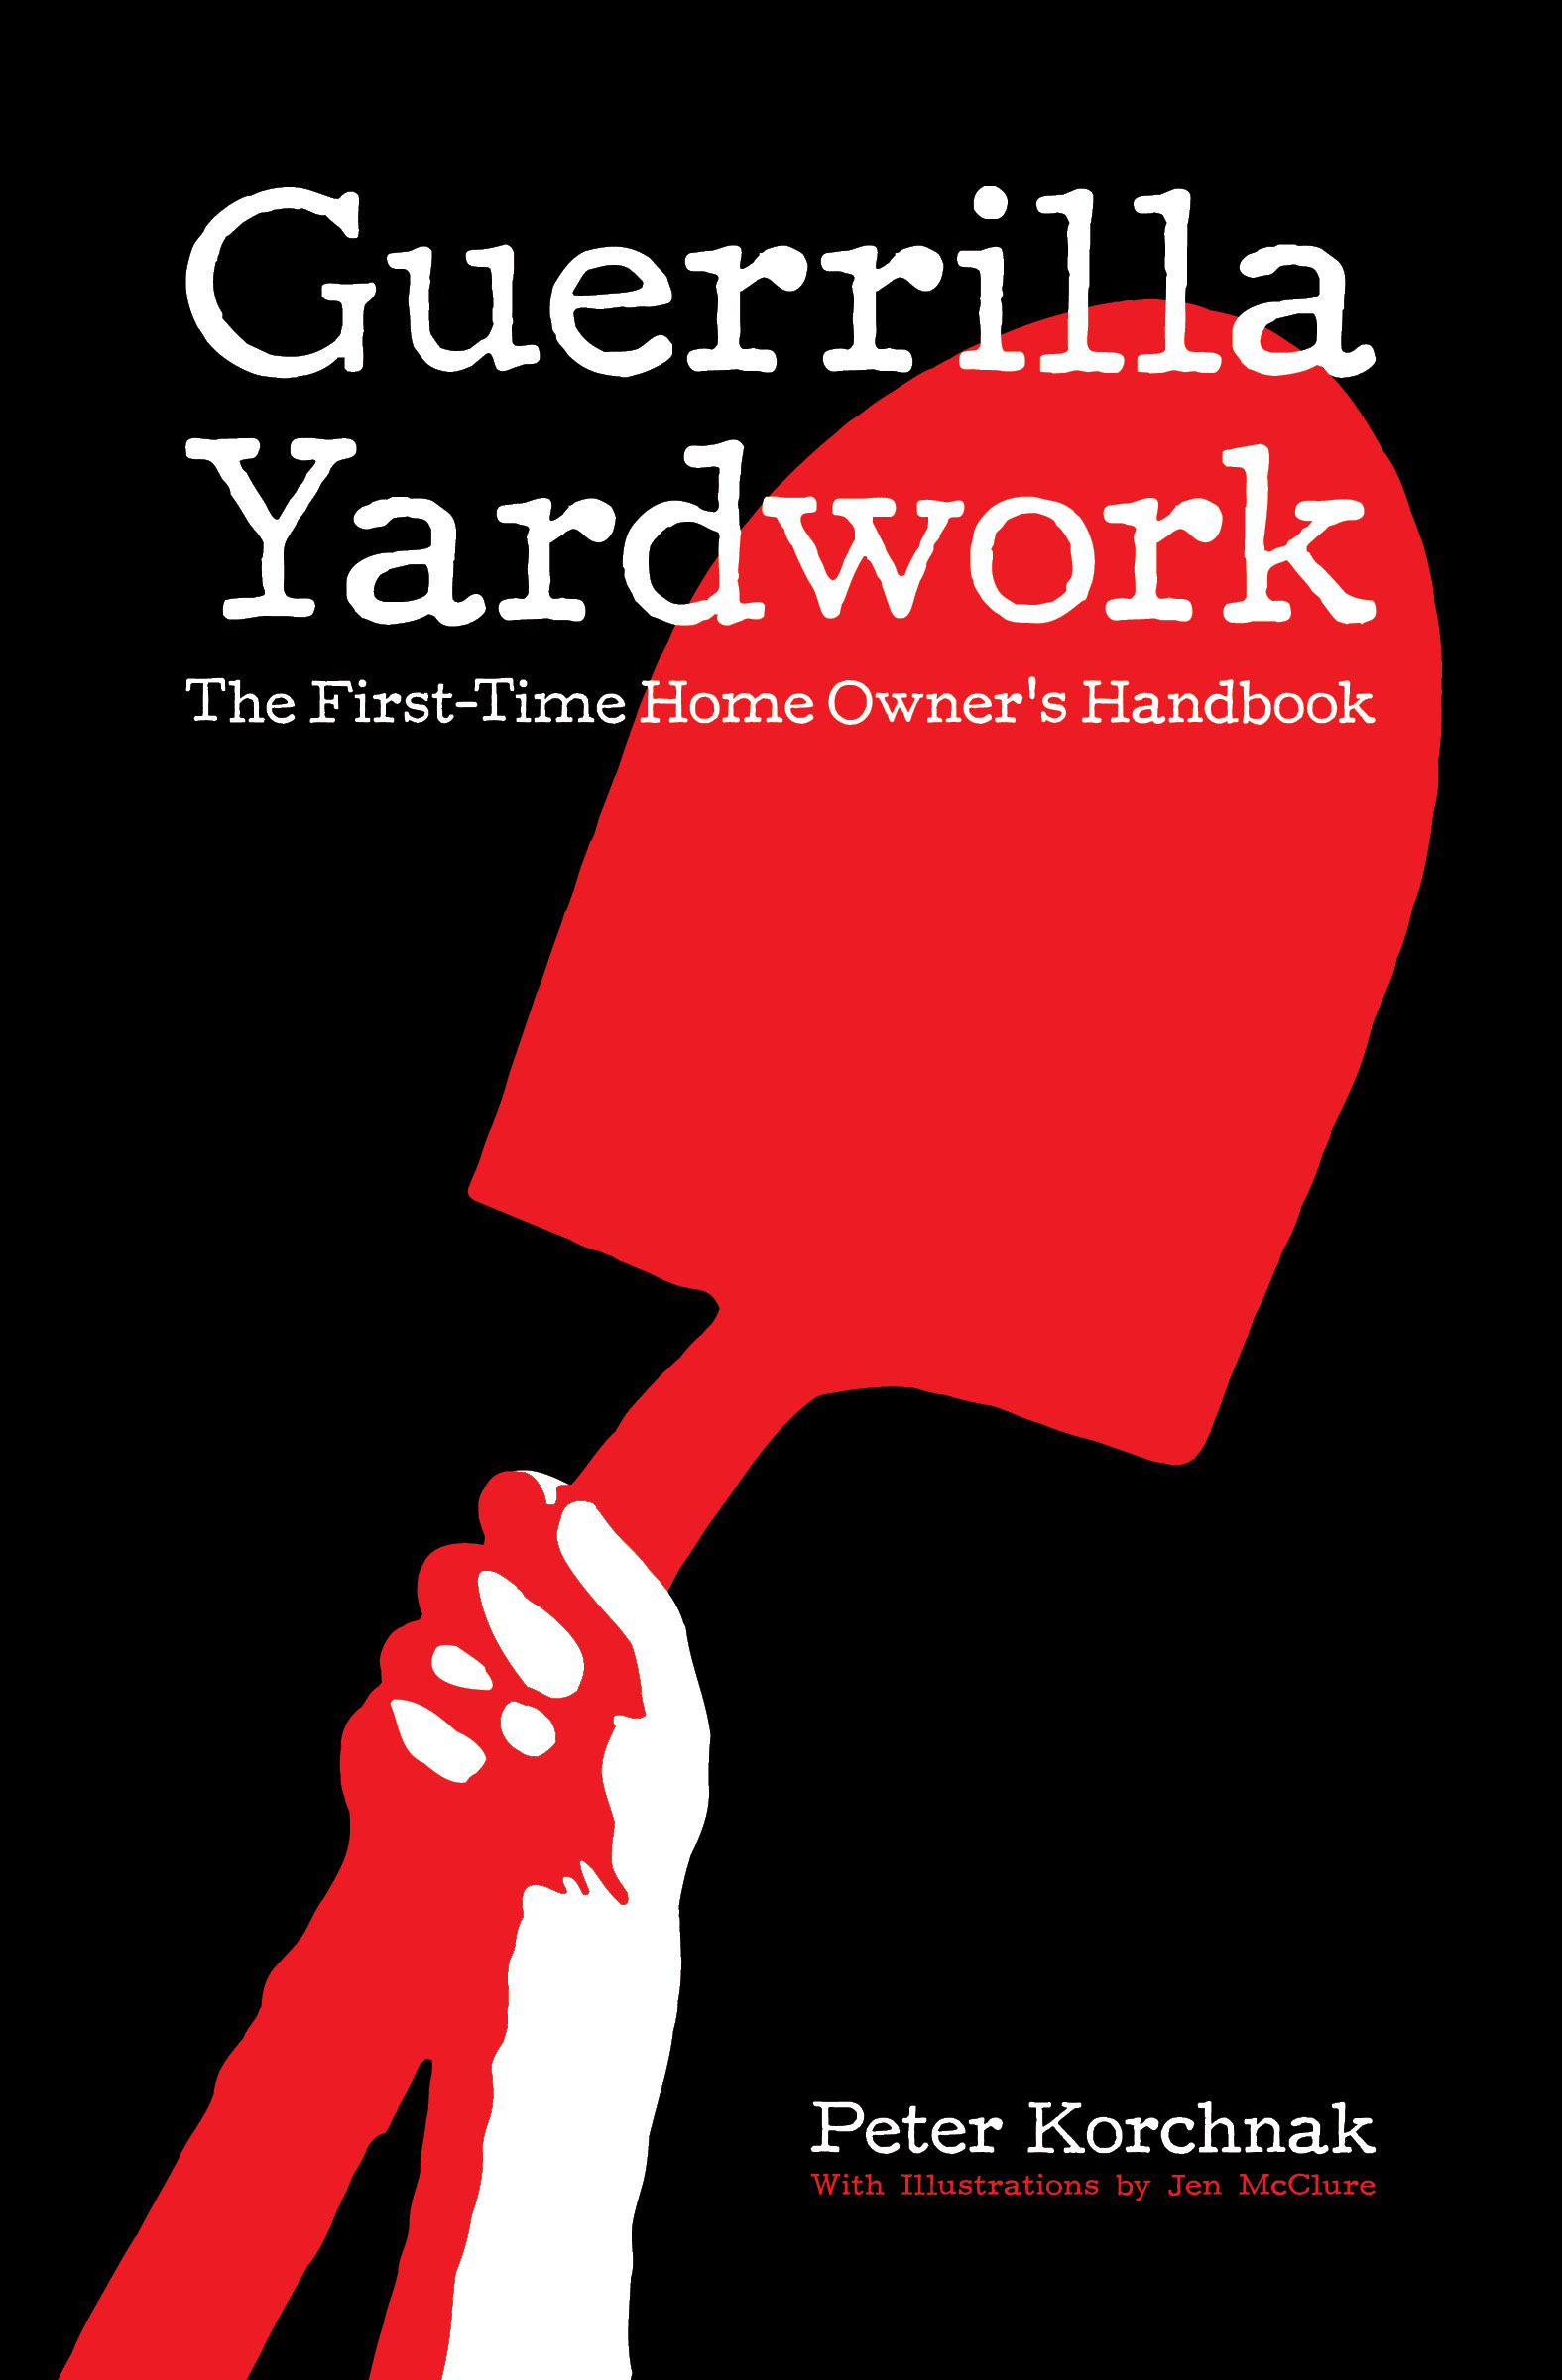 Book cover - Guerrilla Yardwork